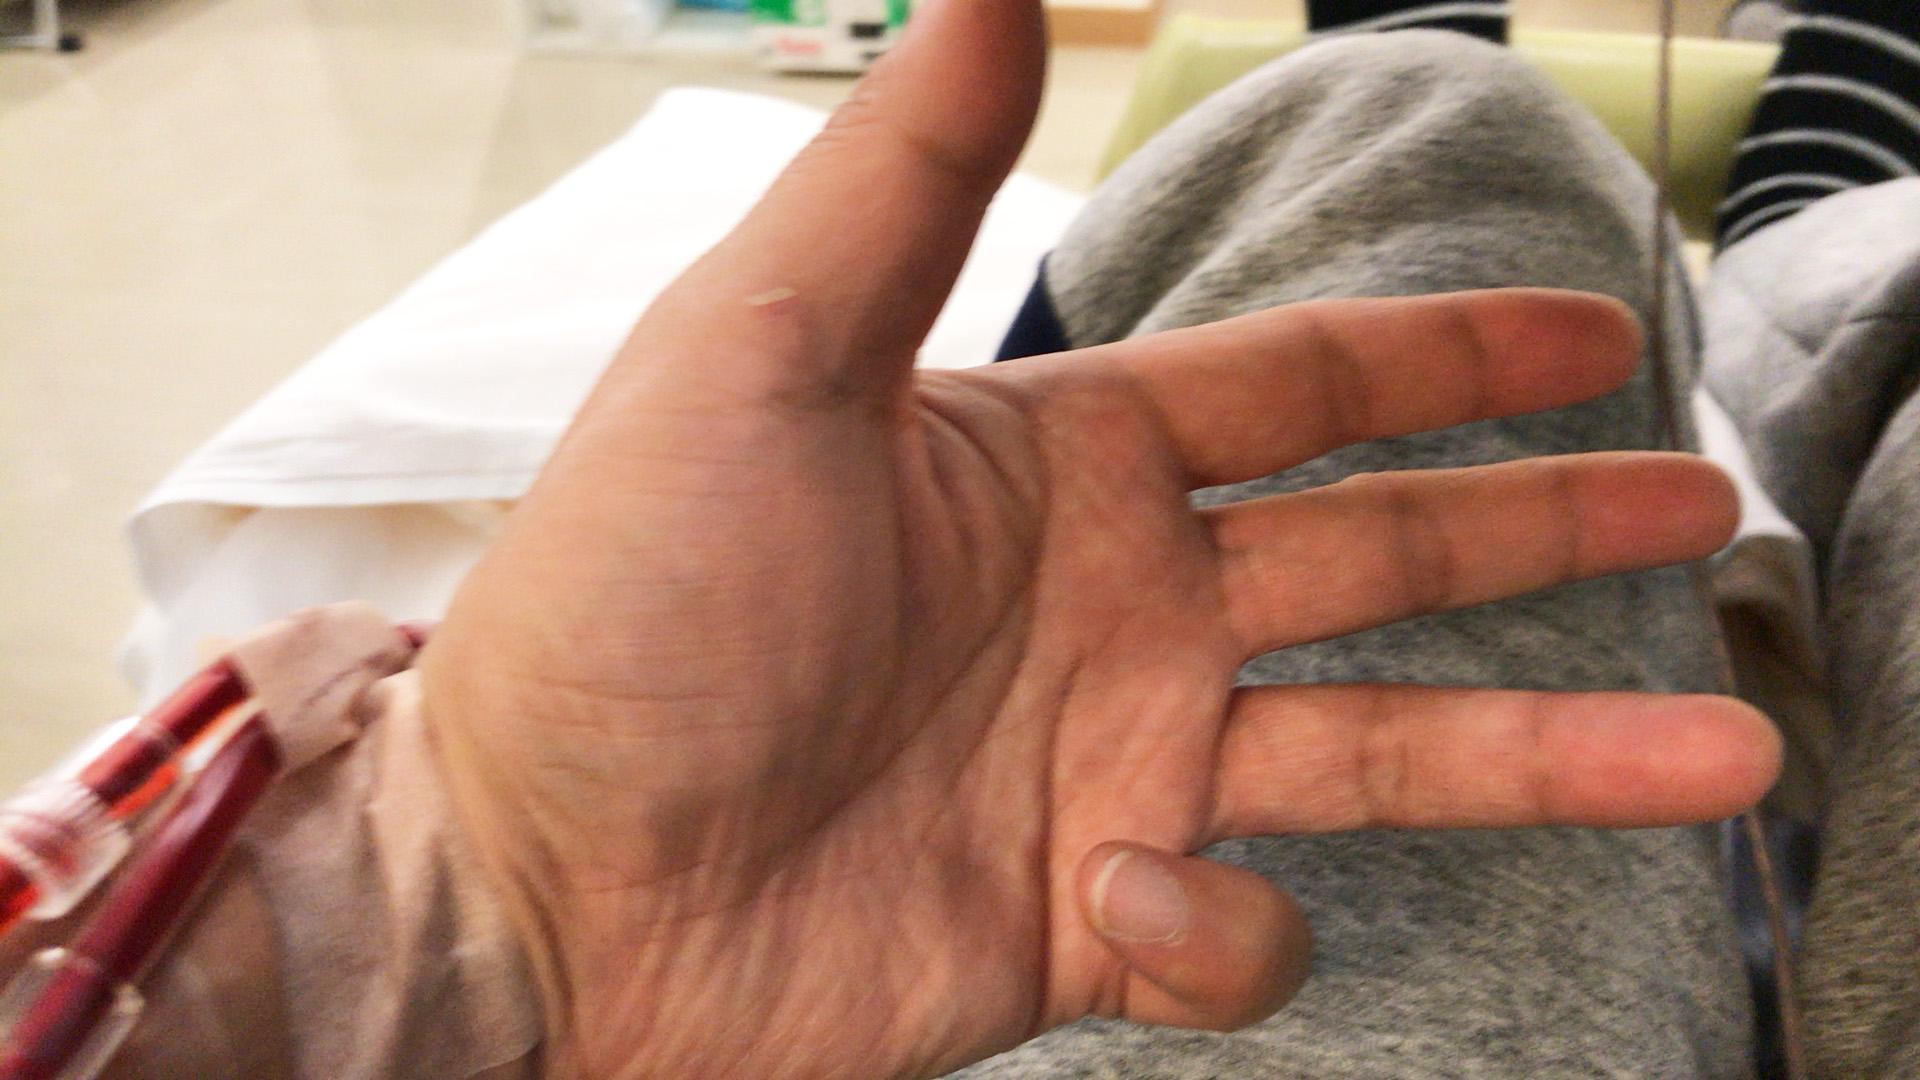 透析アミロイドーシスで「ばね指」になった